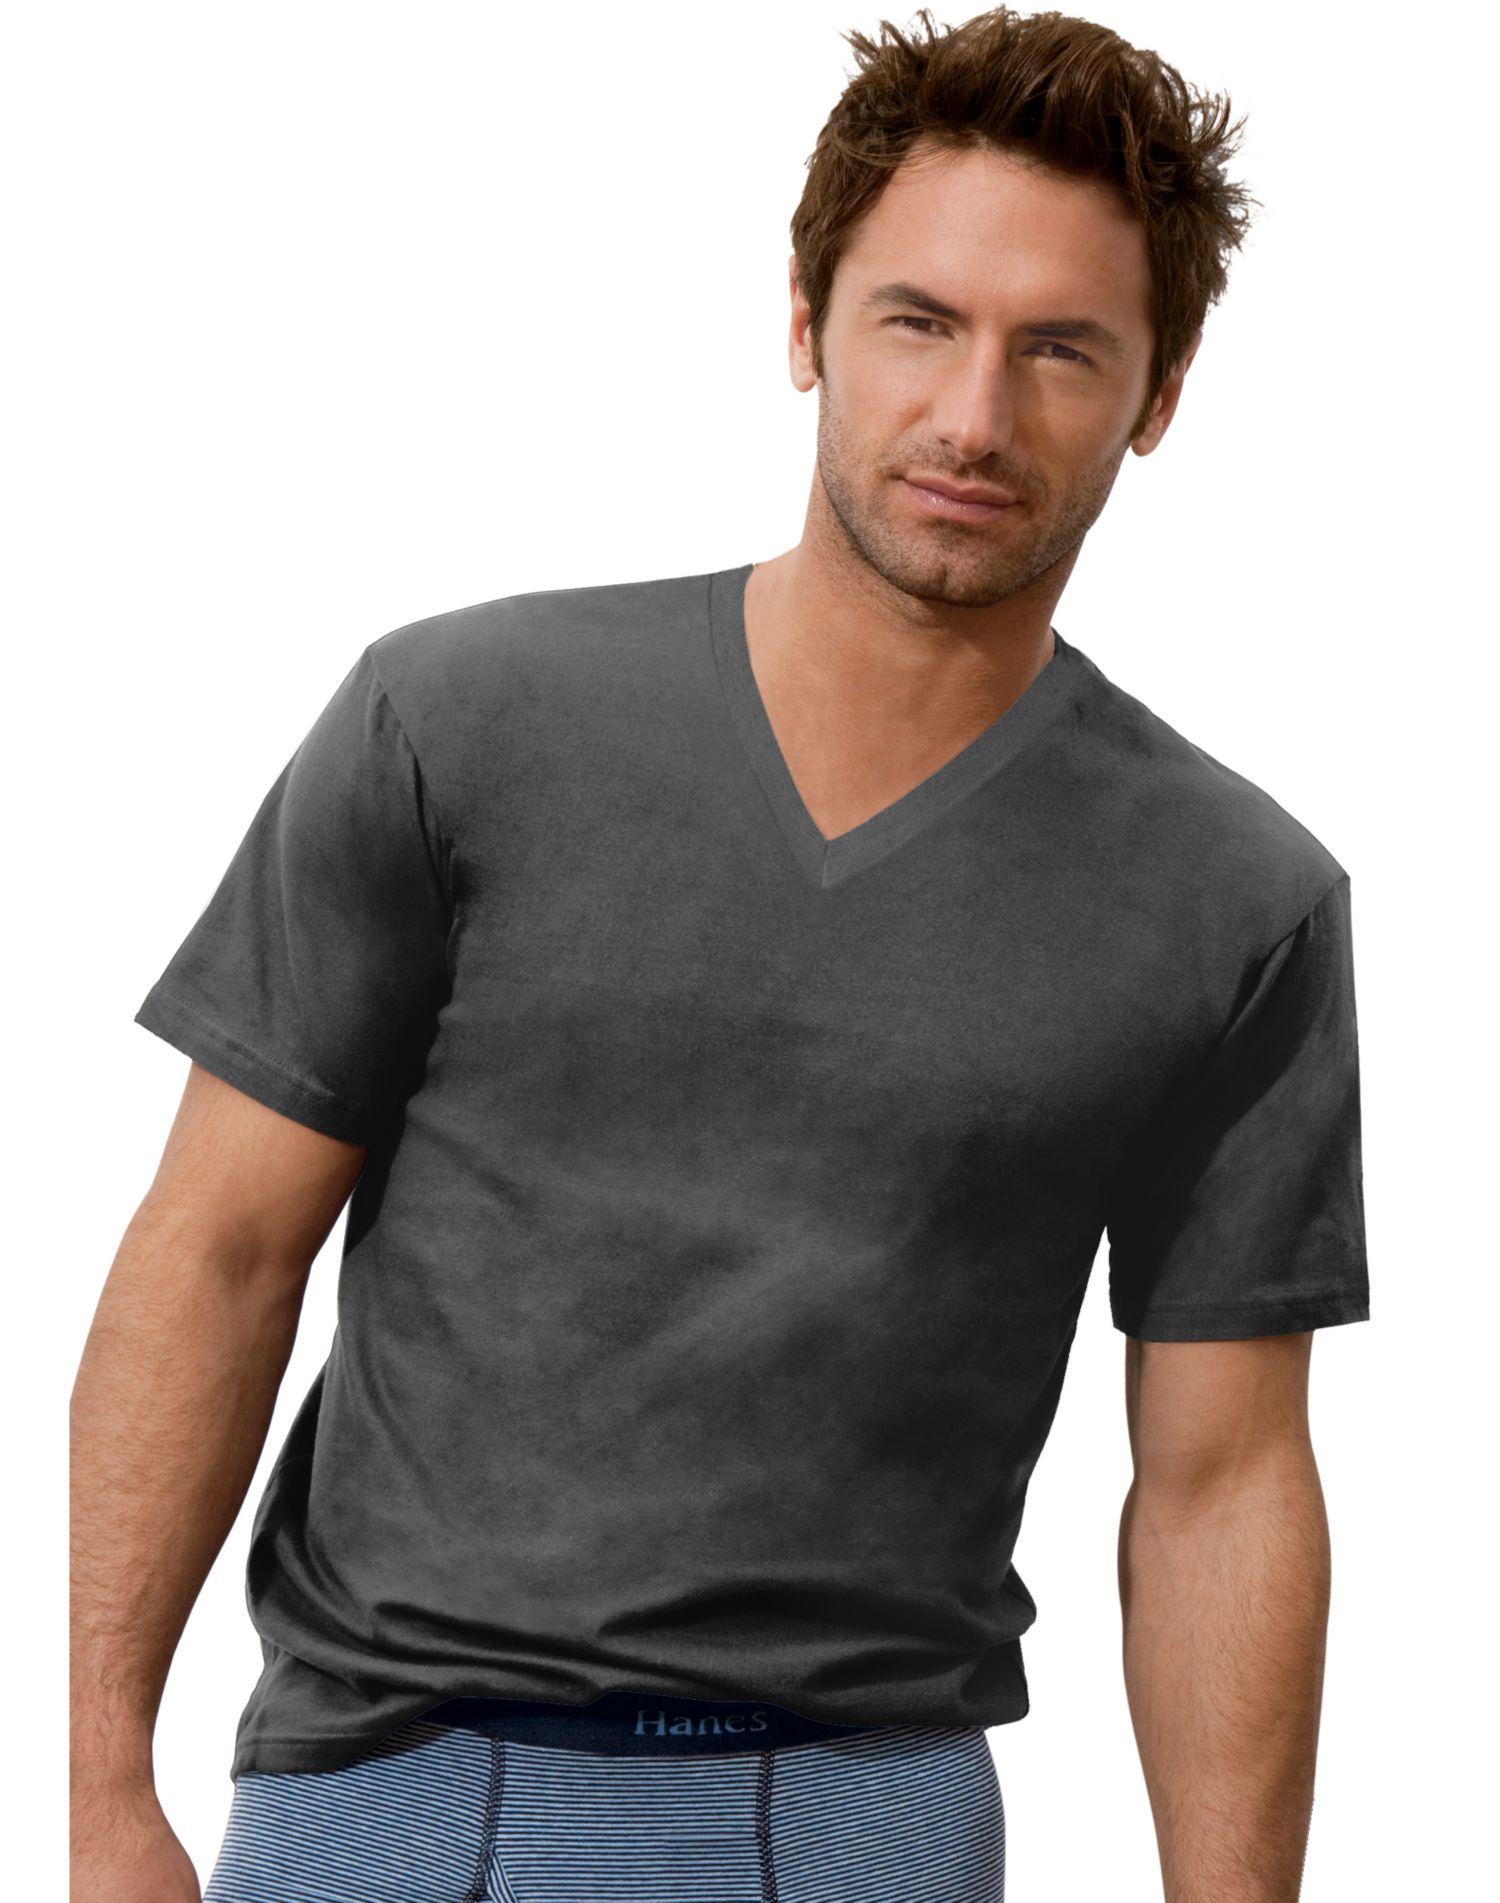 Hanes classics men 39 s comfort cool tagless v neck t shirt for Hanes comfortsoft tagless t shirt review